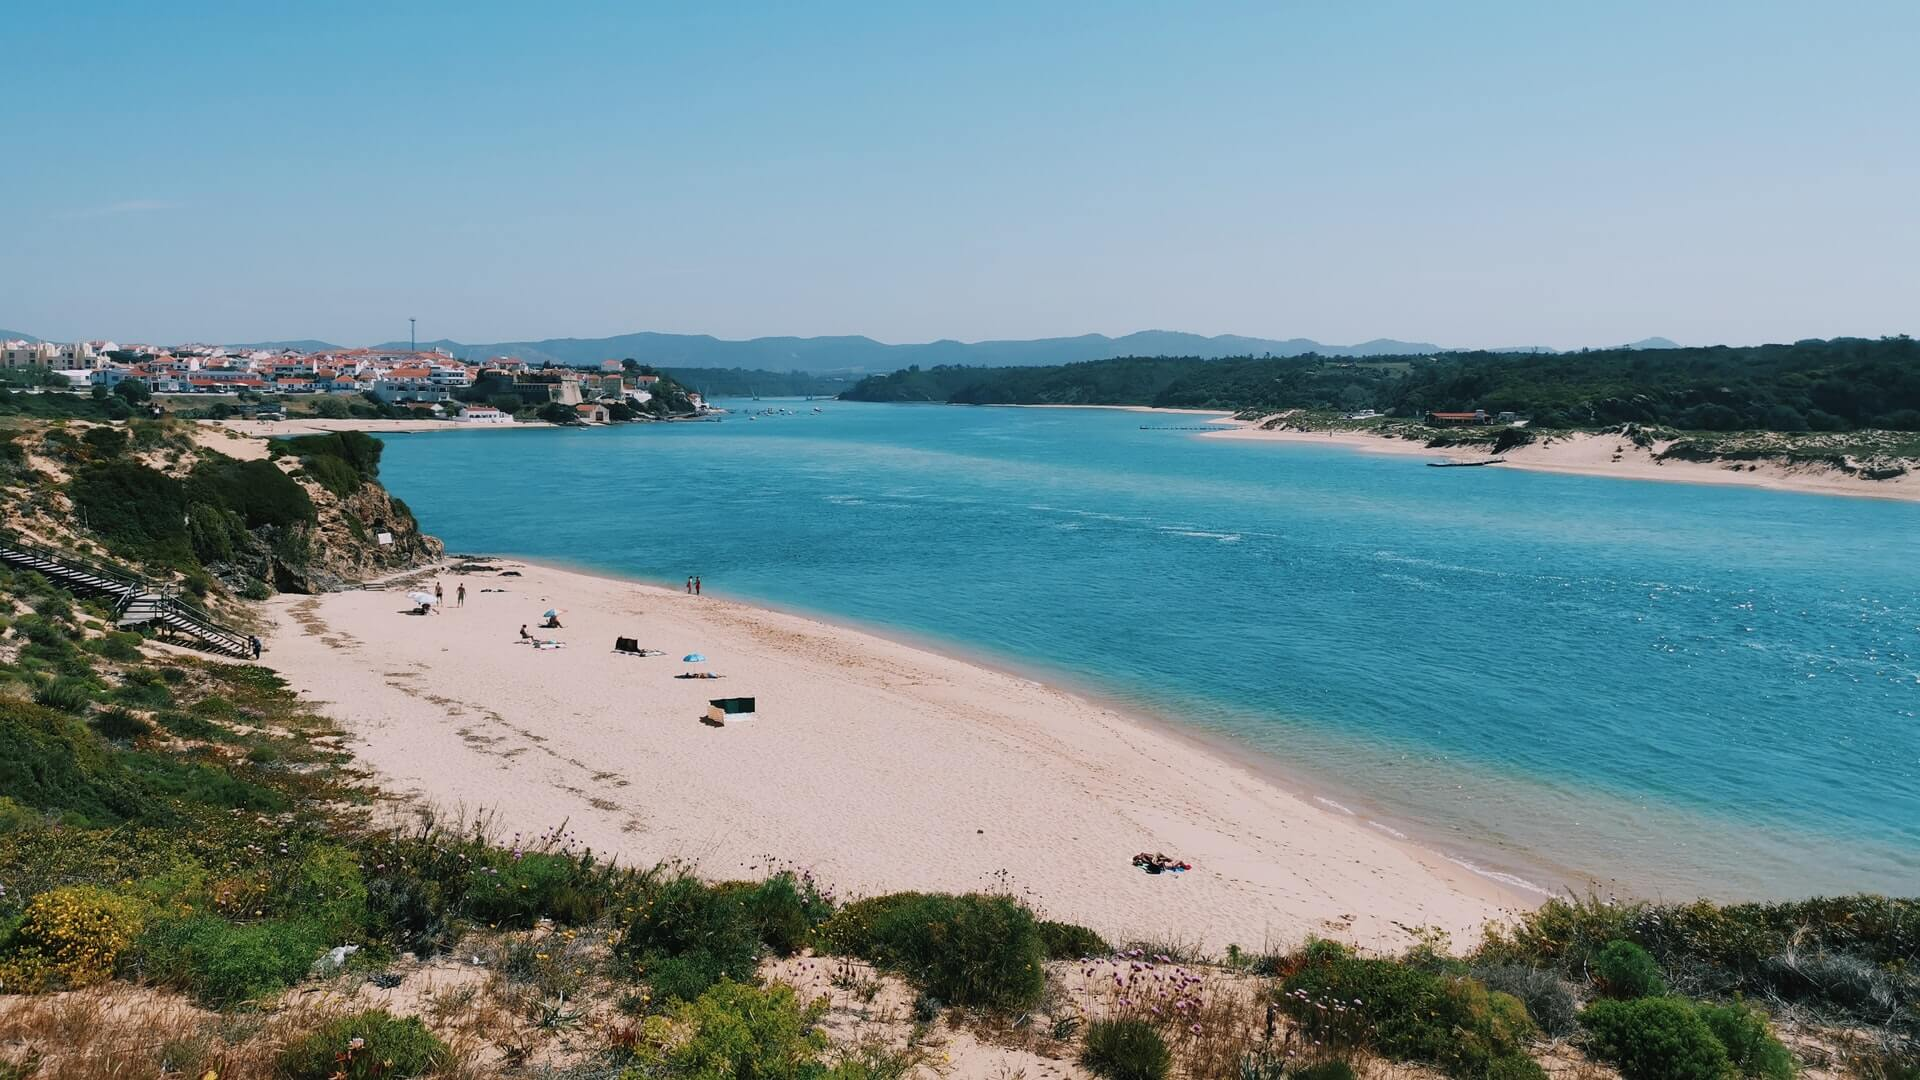 praia milfontes roadtrip costa vicentina